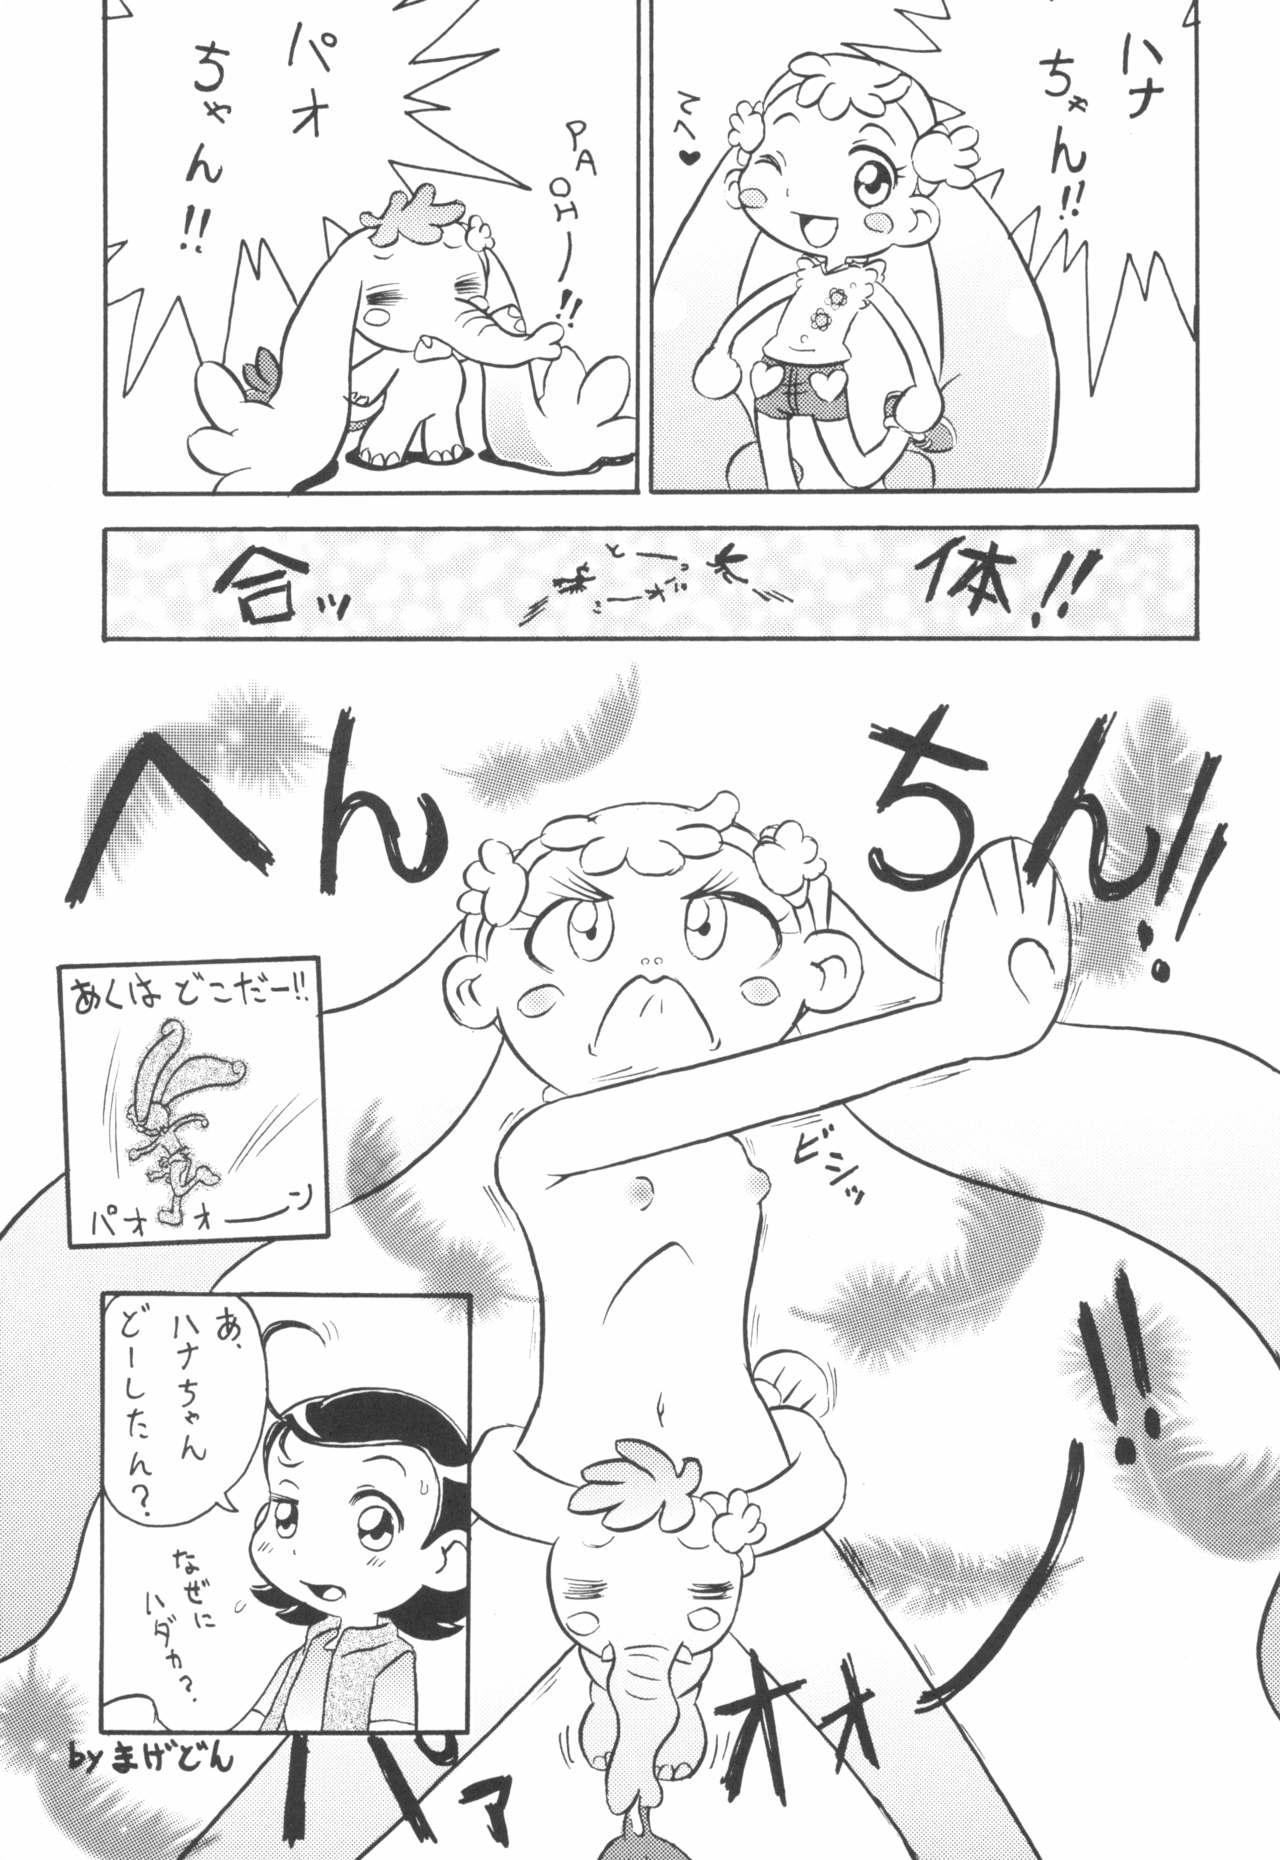 Hinnyuu Musume Vol.11 28